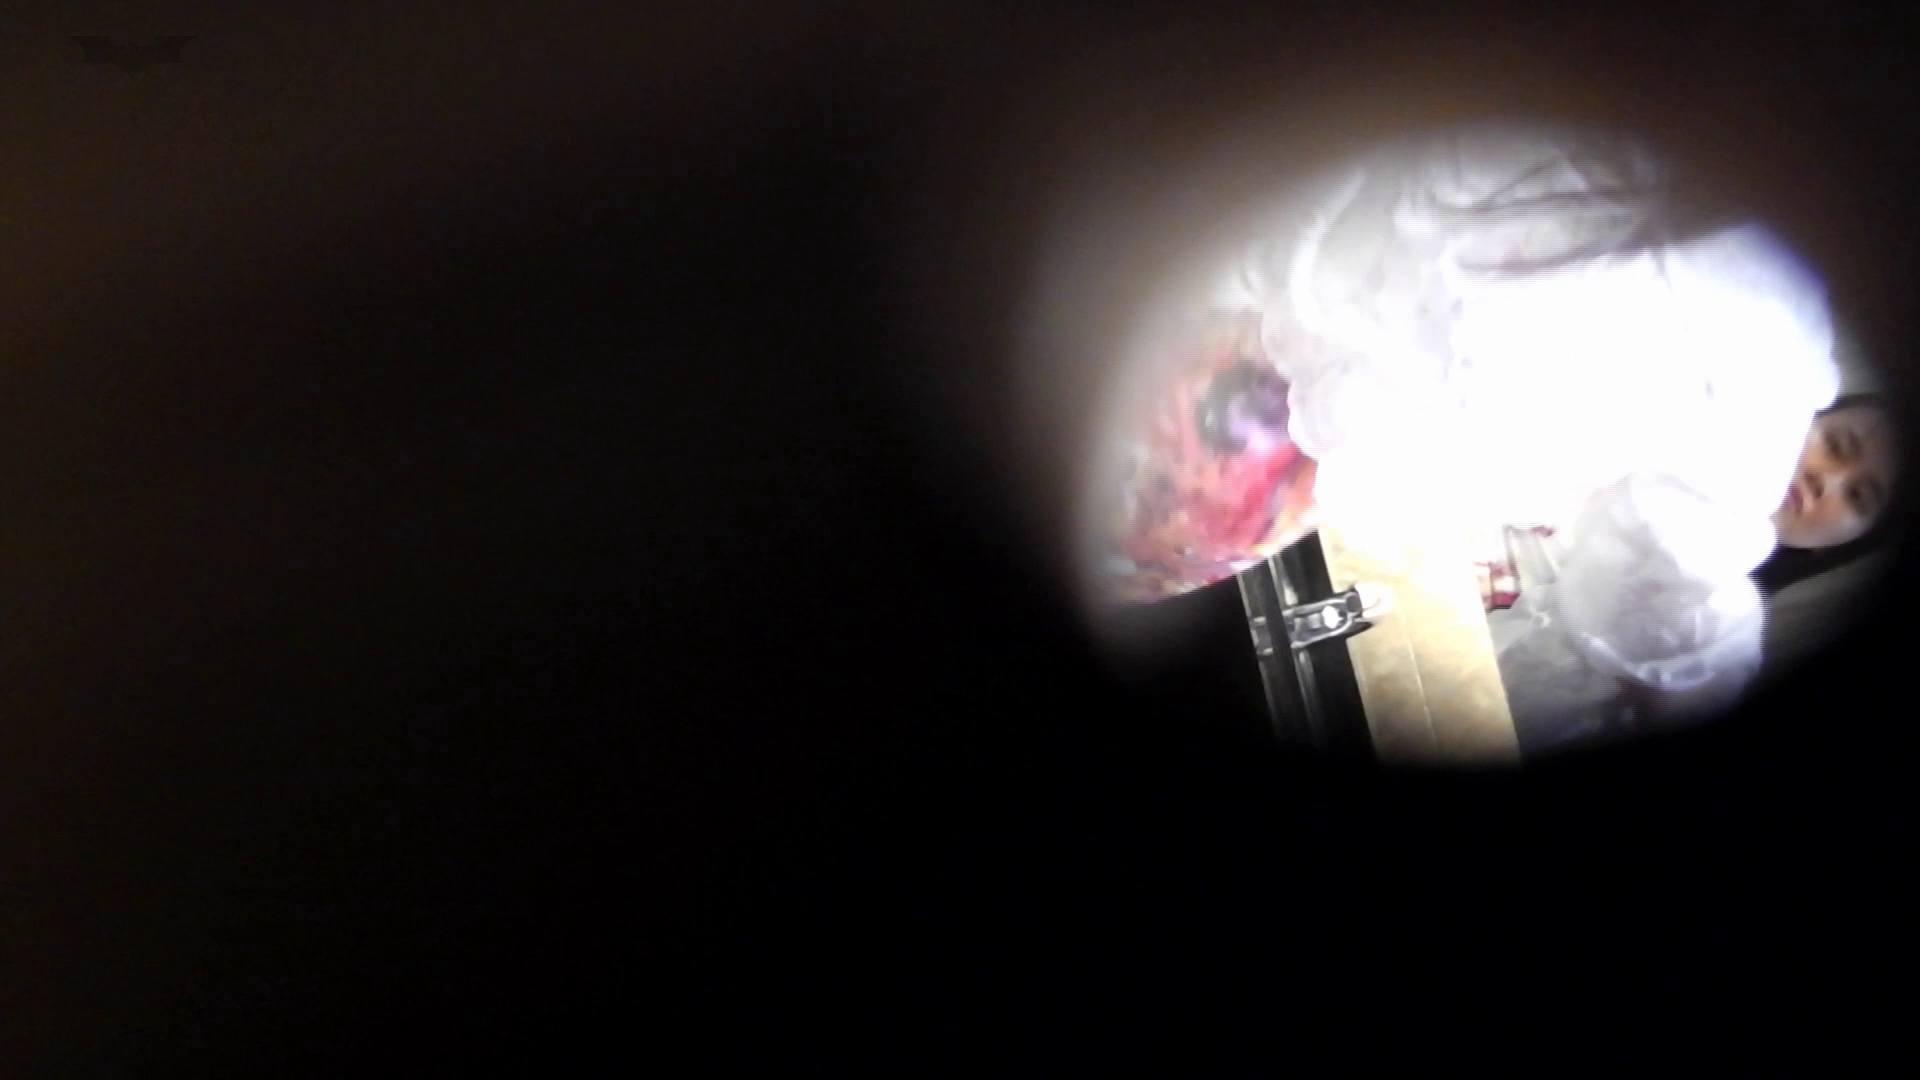 セックスアダルト動画|和式洋式七変化 Vol.31 洋式だけど丸見えですっ!!|怪盗ジョーカー